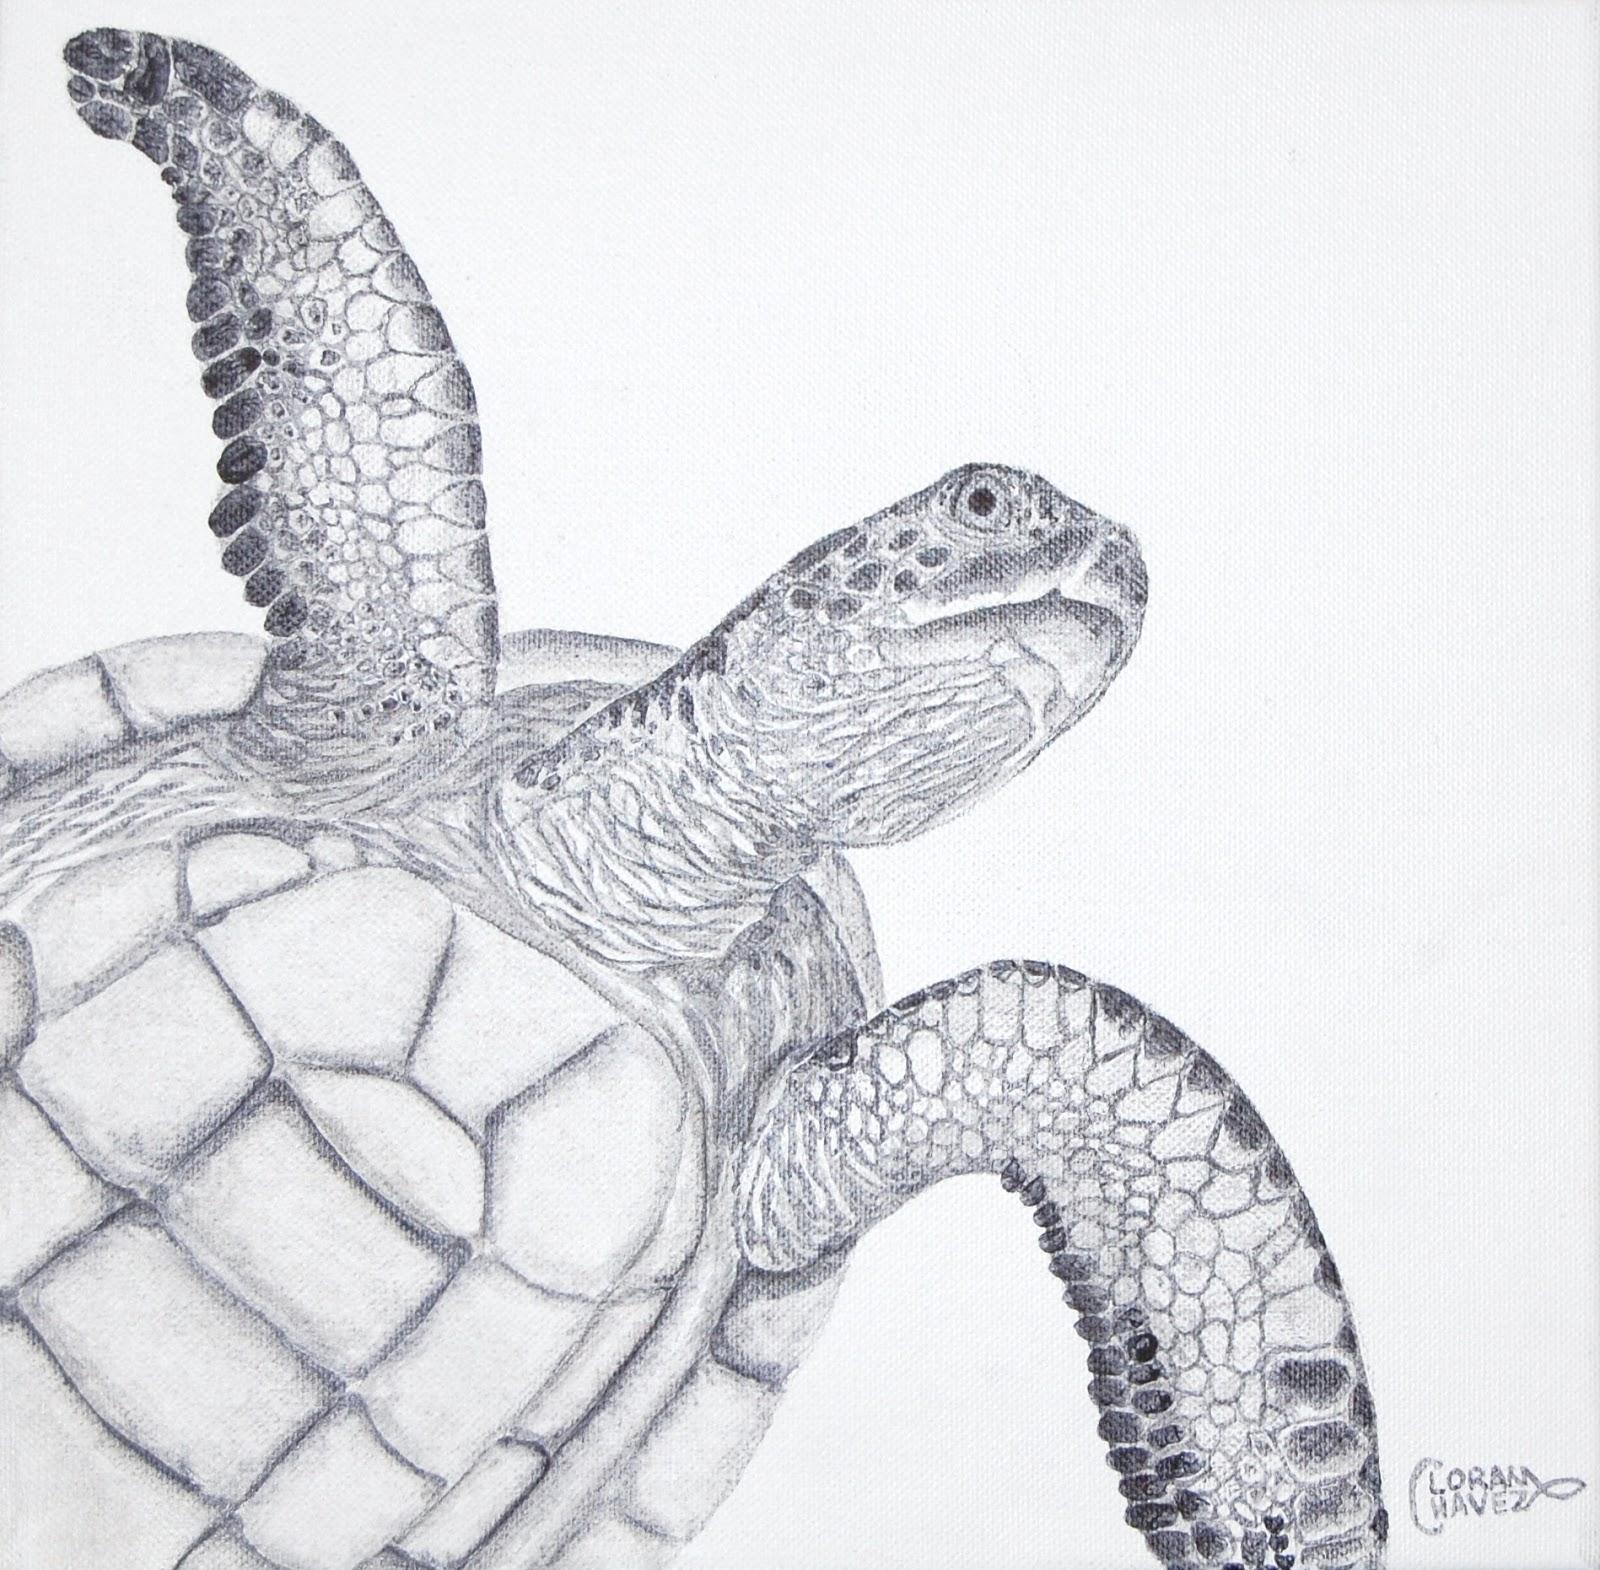 Drawn sea turtle mexico II Turtle studies Art Loran